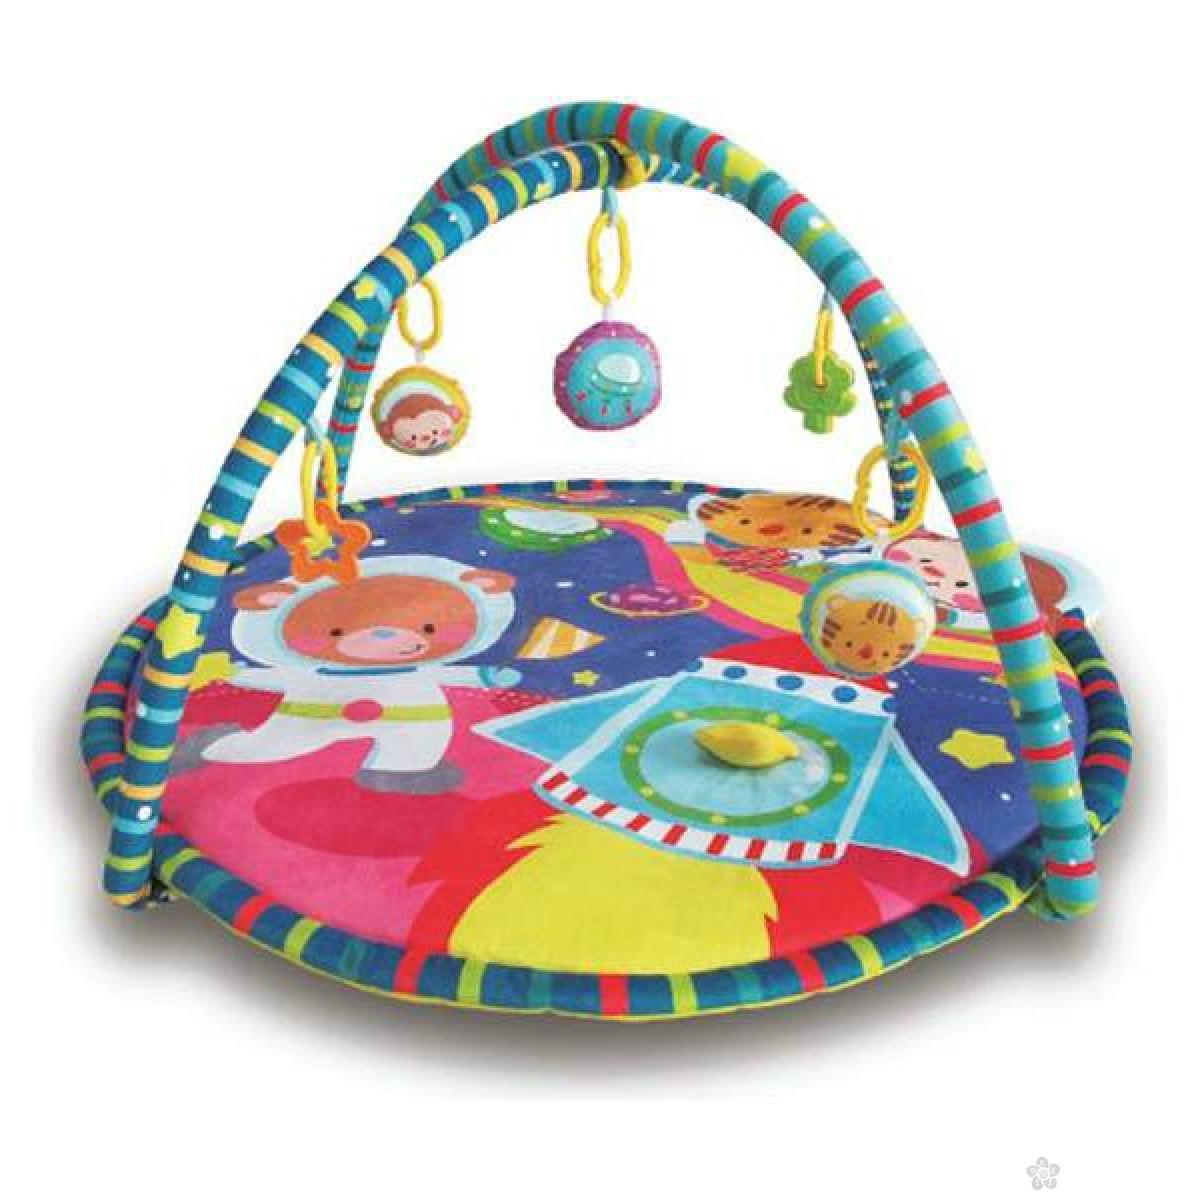 Baby Podloga za Igru Rocket Kikka Boo, 31201010001